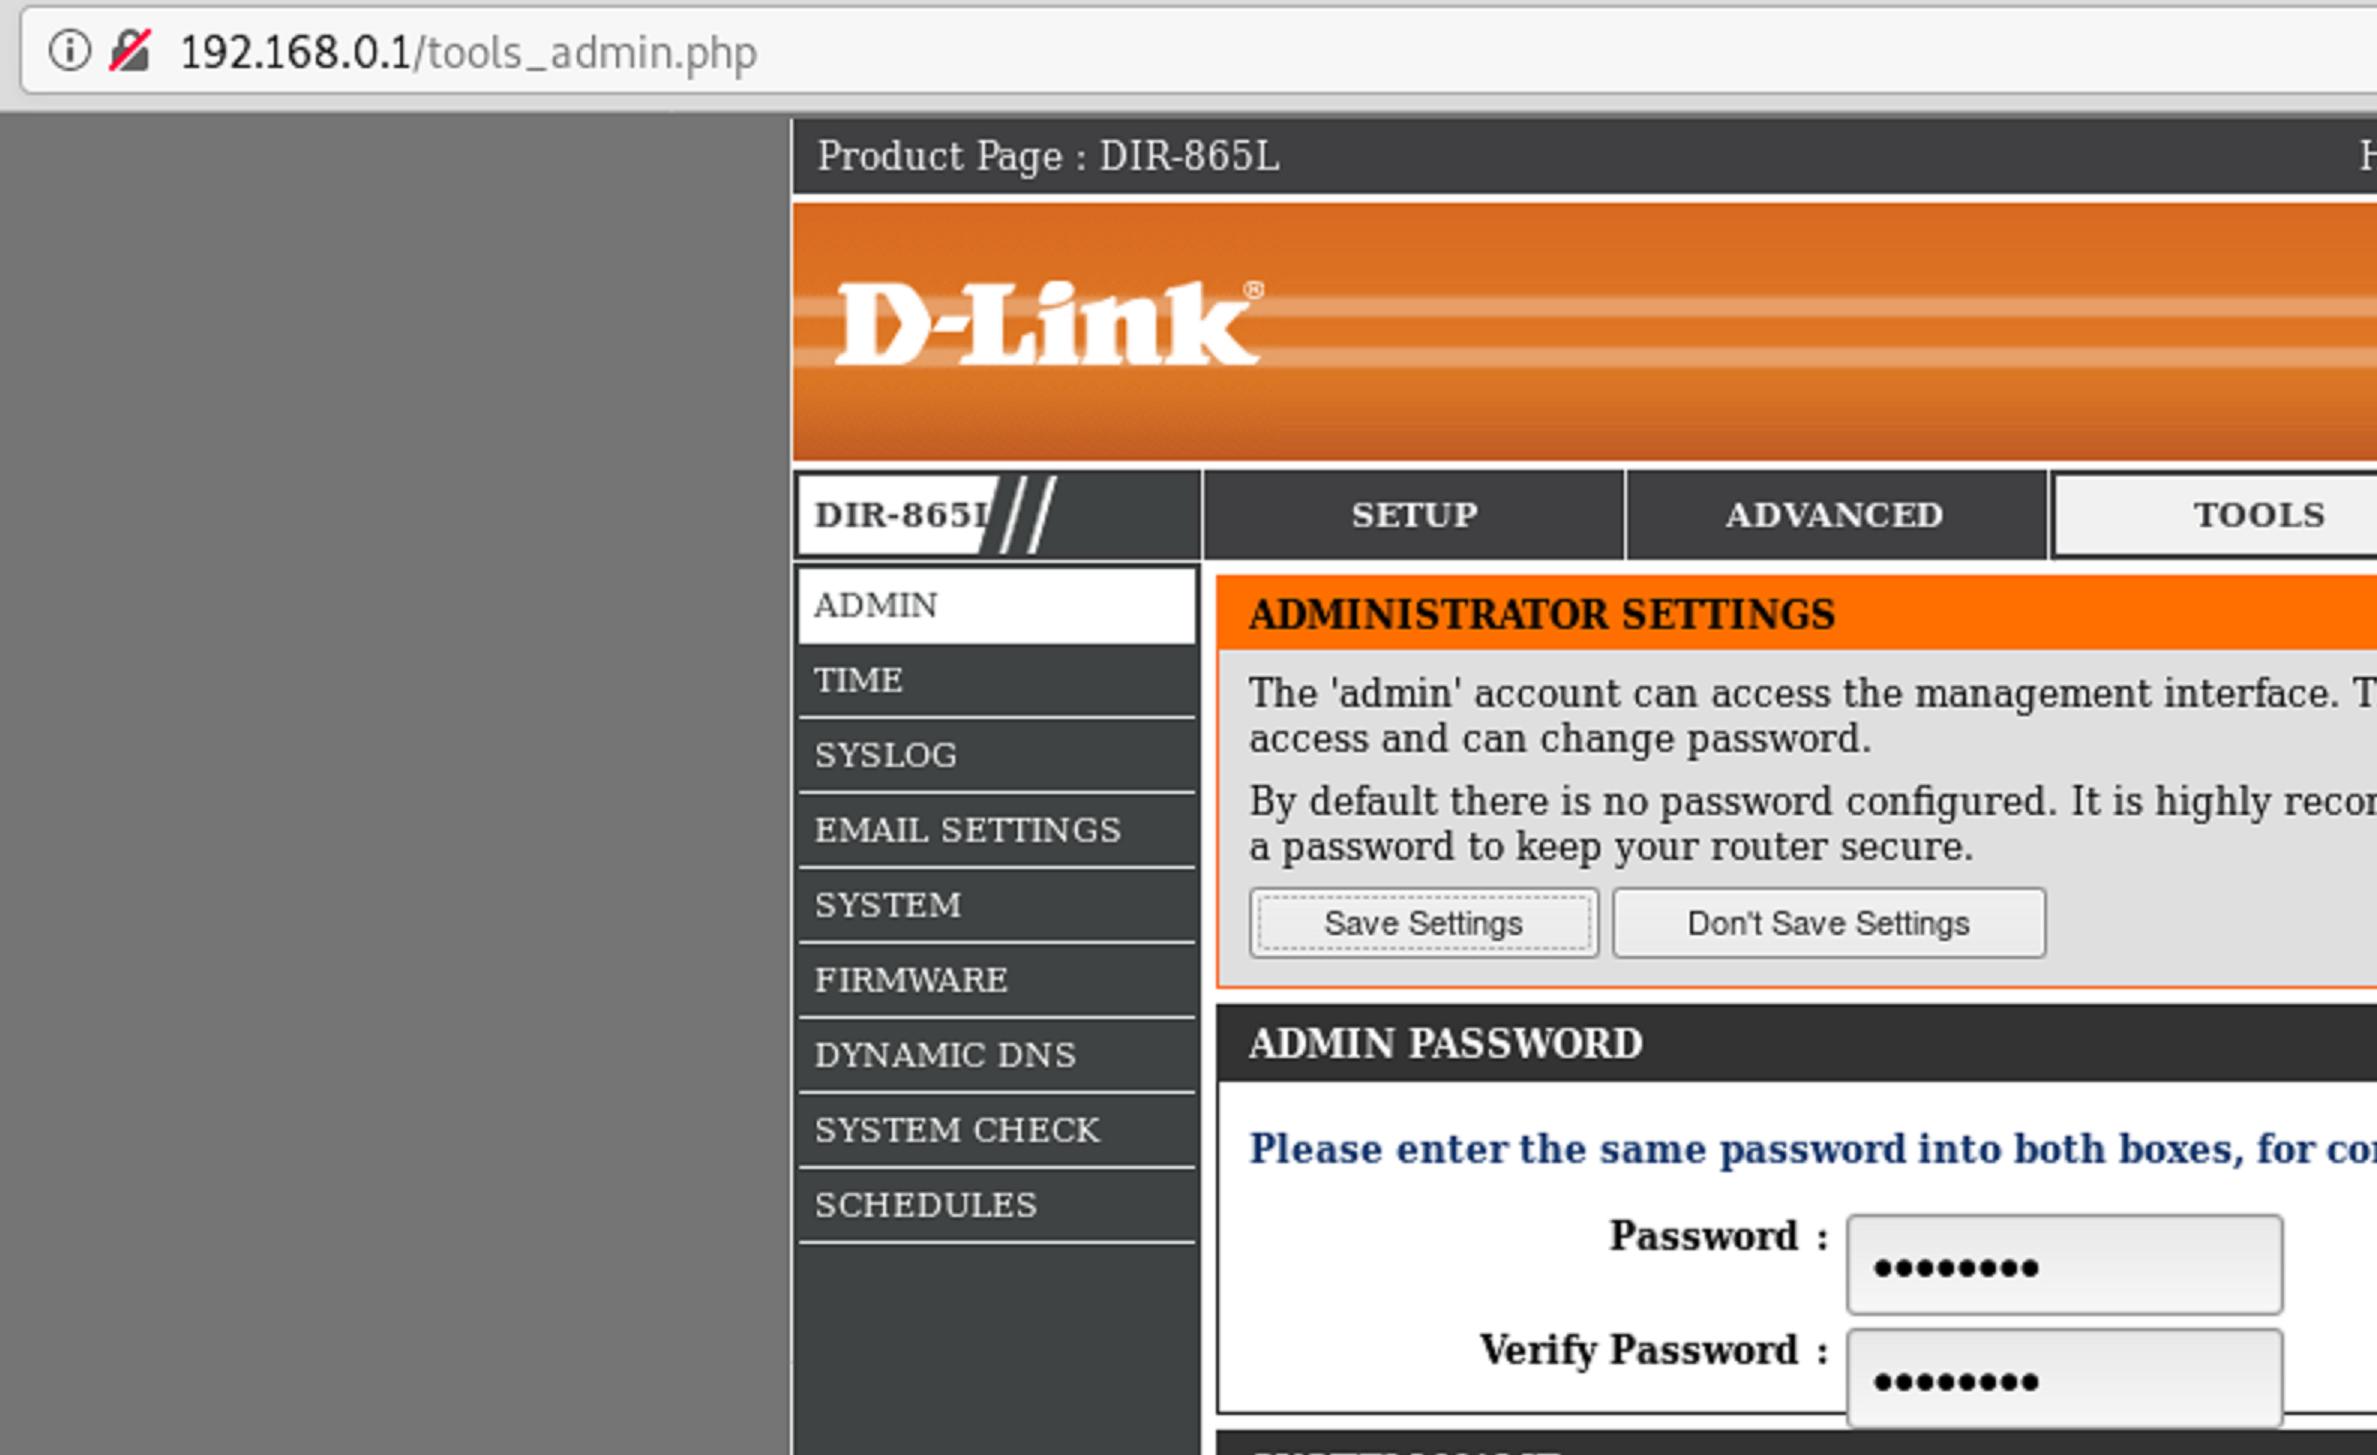 図9: tools_admin.php Webページ